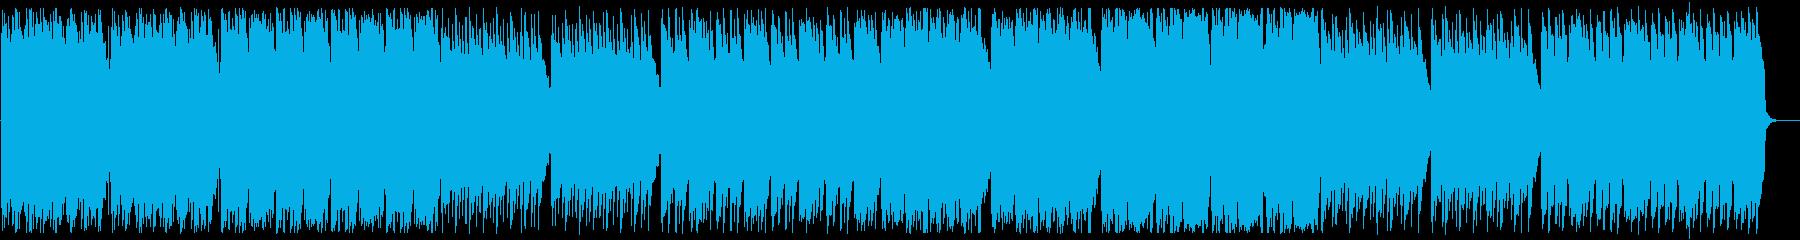 ゆっくりと時が流れていくようなポップスの再生済みの波形